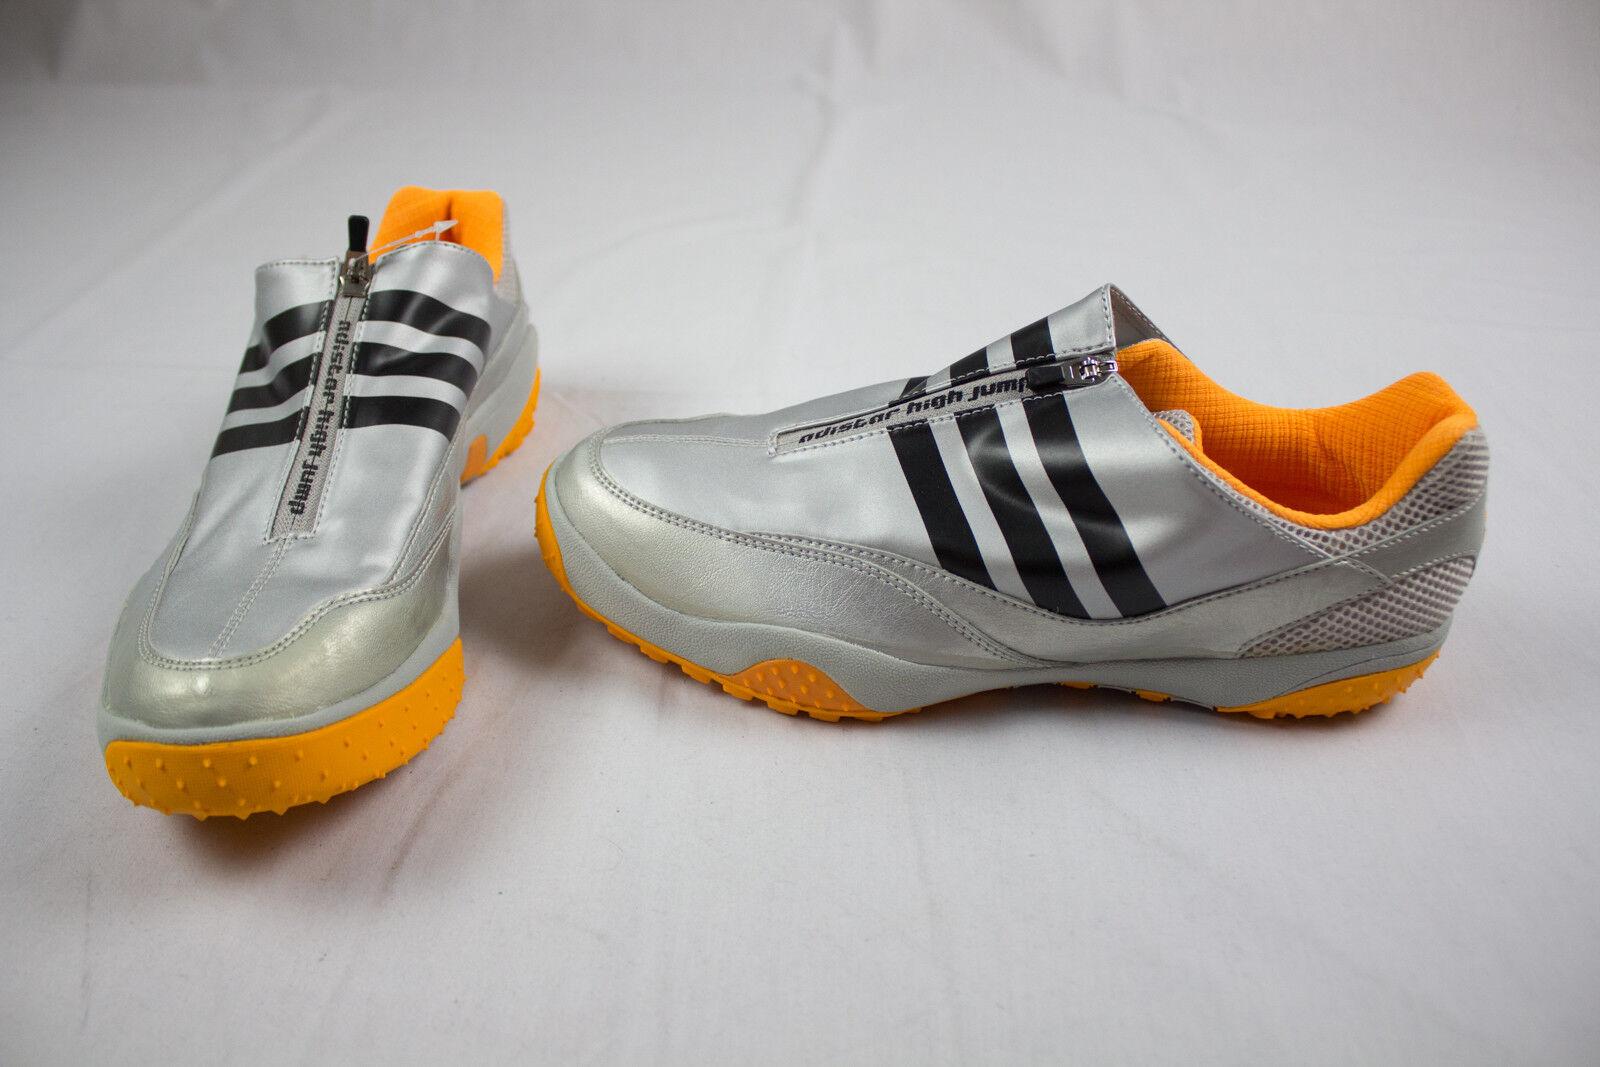 Nuove adidas adistar adistar adistar hj -, la formazione (uomini di dimensioni multiple) 6fb092